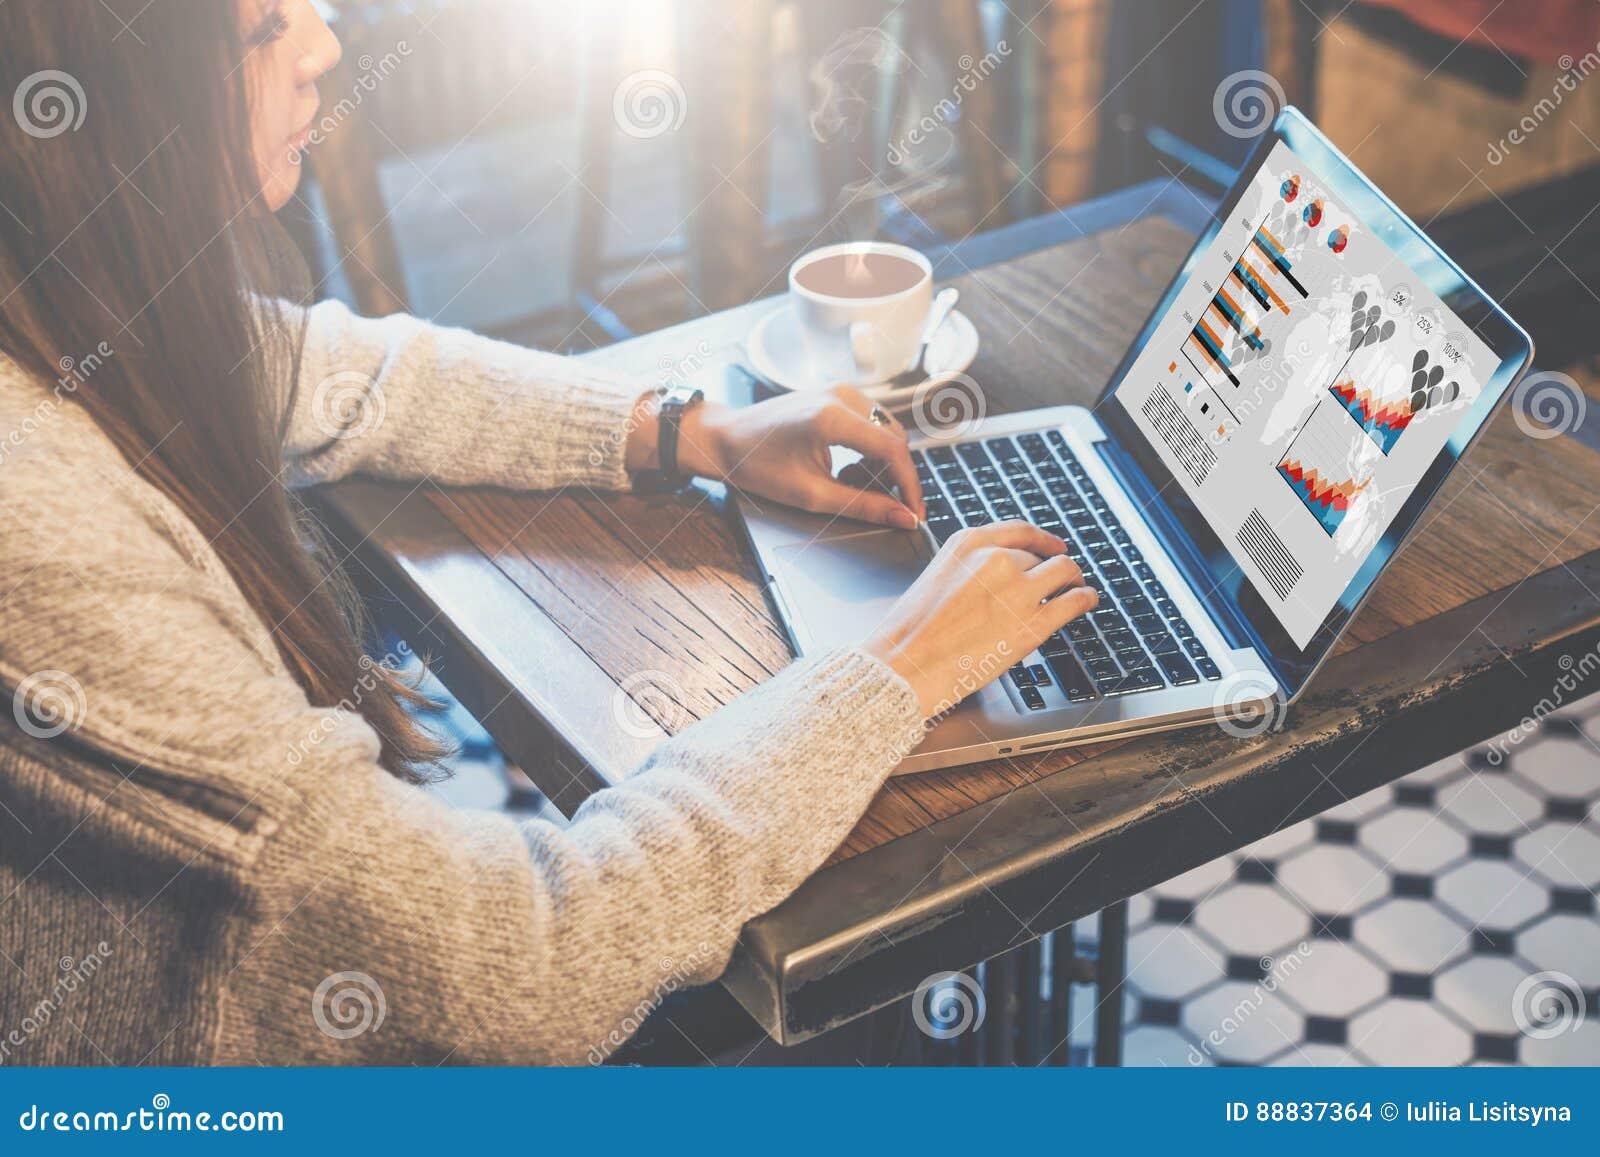 Graphiques et diagrammes sur l écran d ordinateur Femme analysant des données Étudiant apprenant en ligne Indépendant travaillant